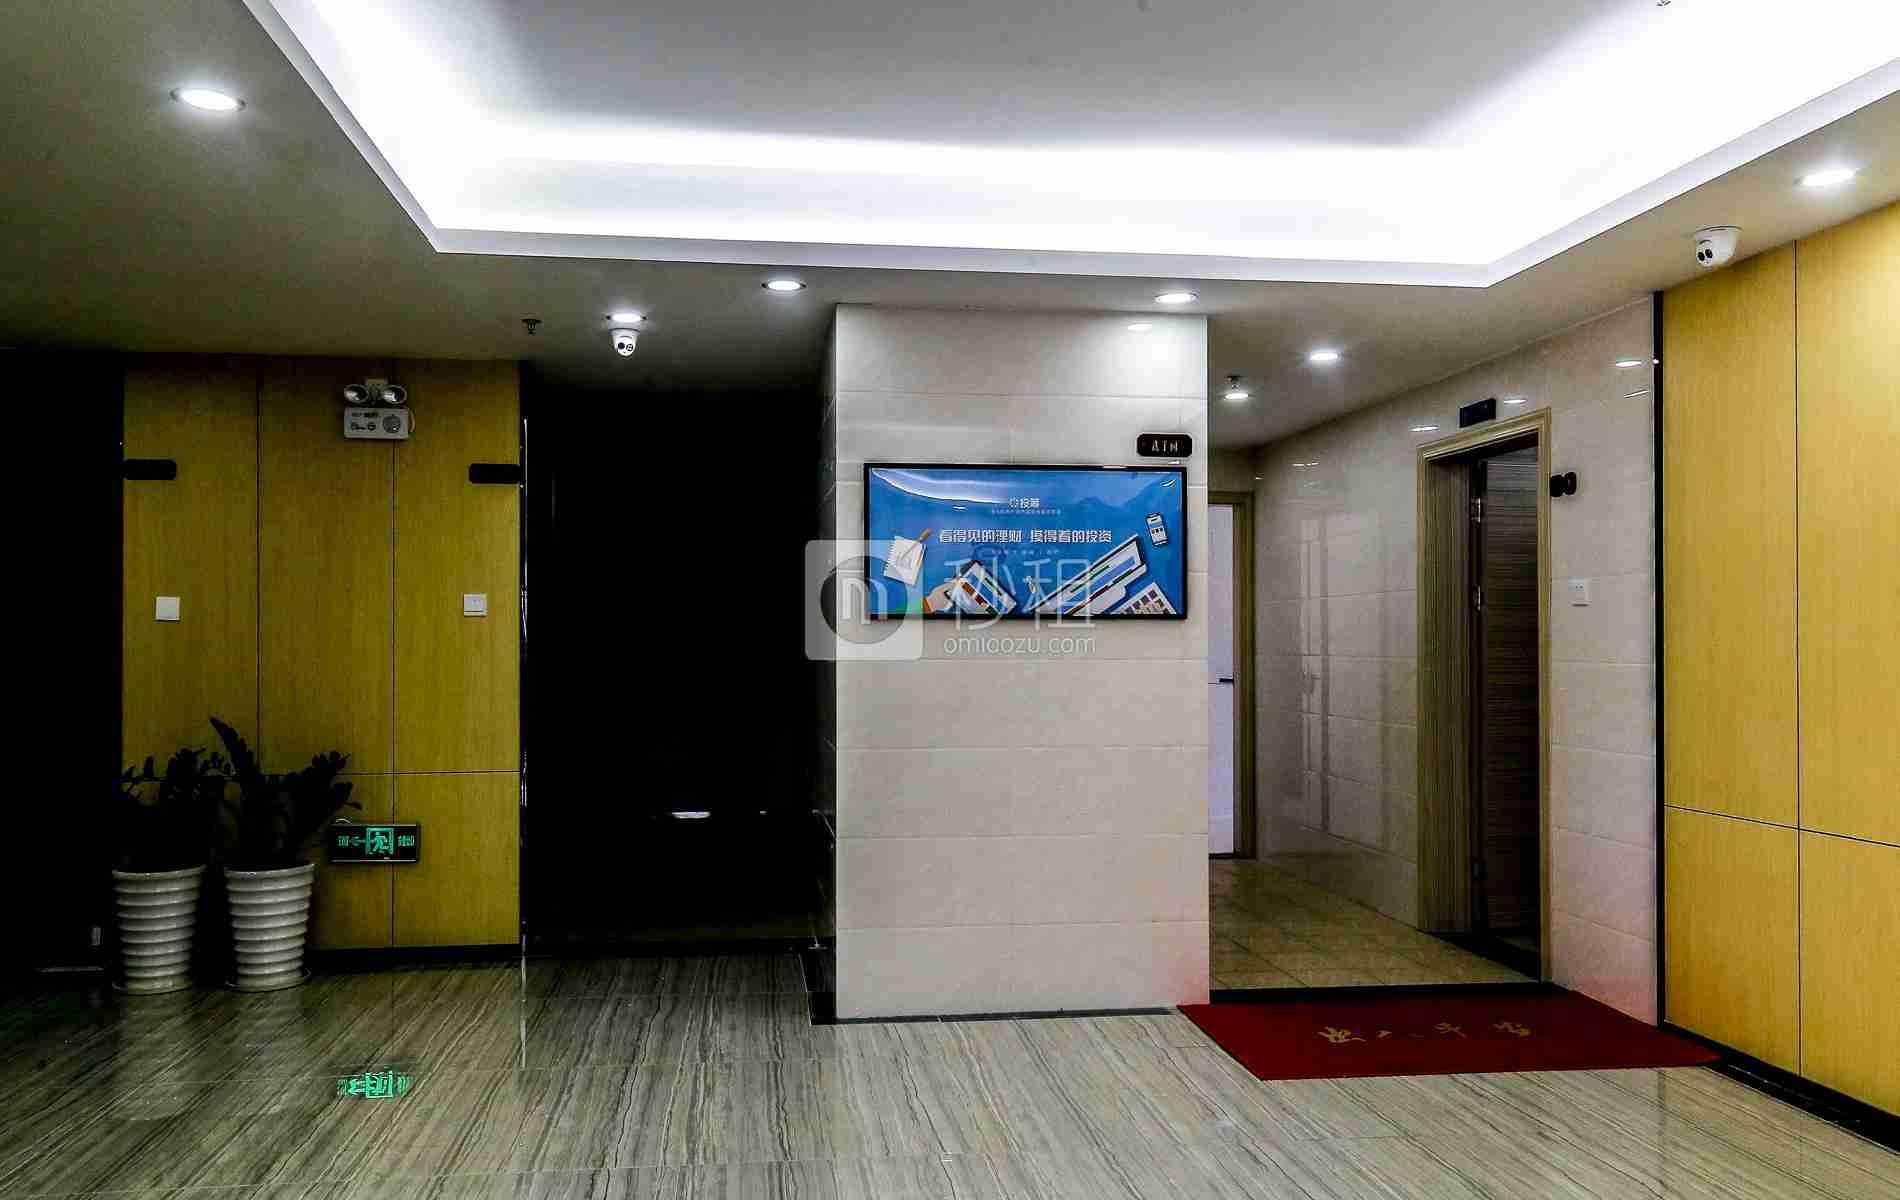 马家龙工业区写字楼出租/招租/租赁,马家龙工业区办公室出租/招租/租赁